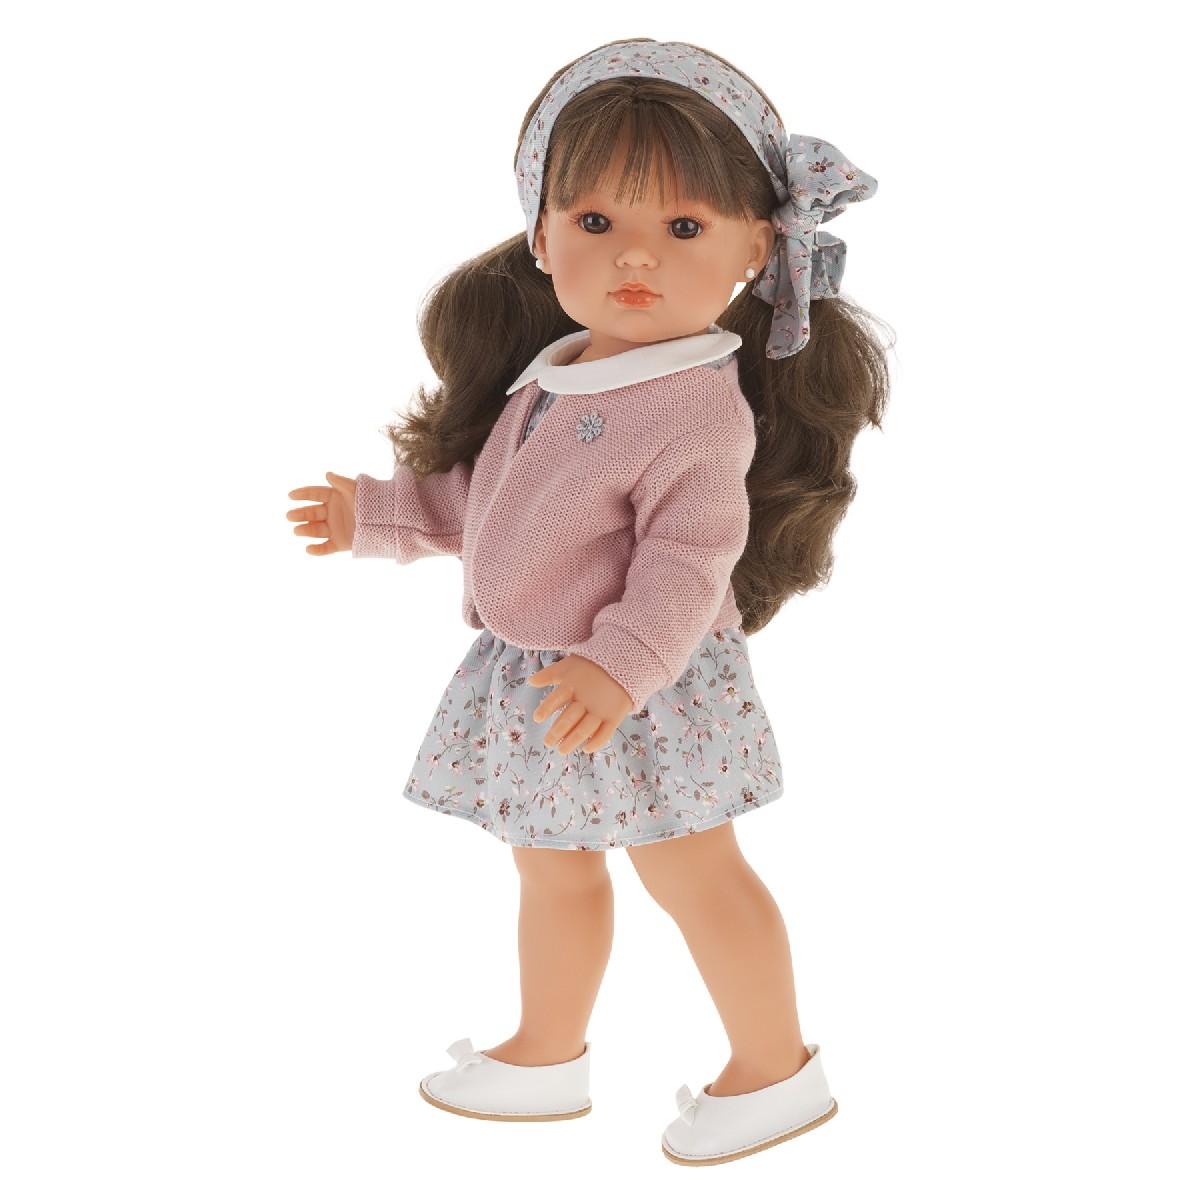 Купить Кукла Белла в розовом болеро, 45 см, Antonio Juan Munecas